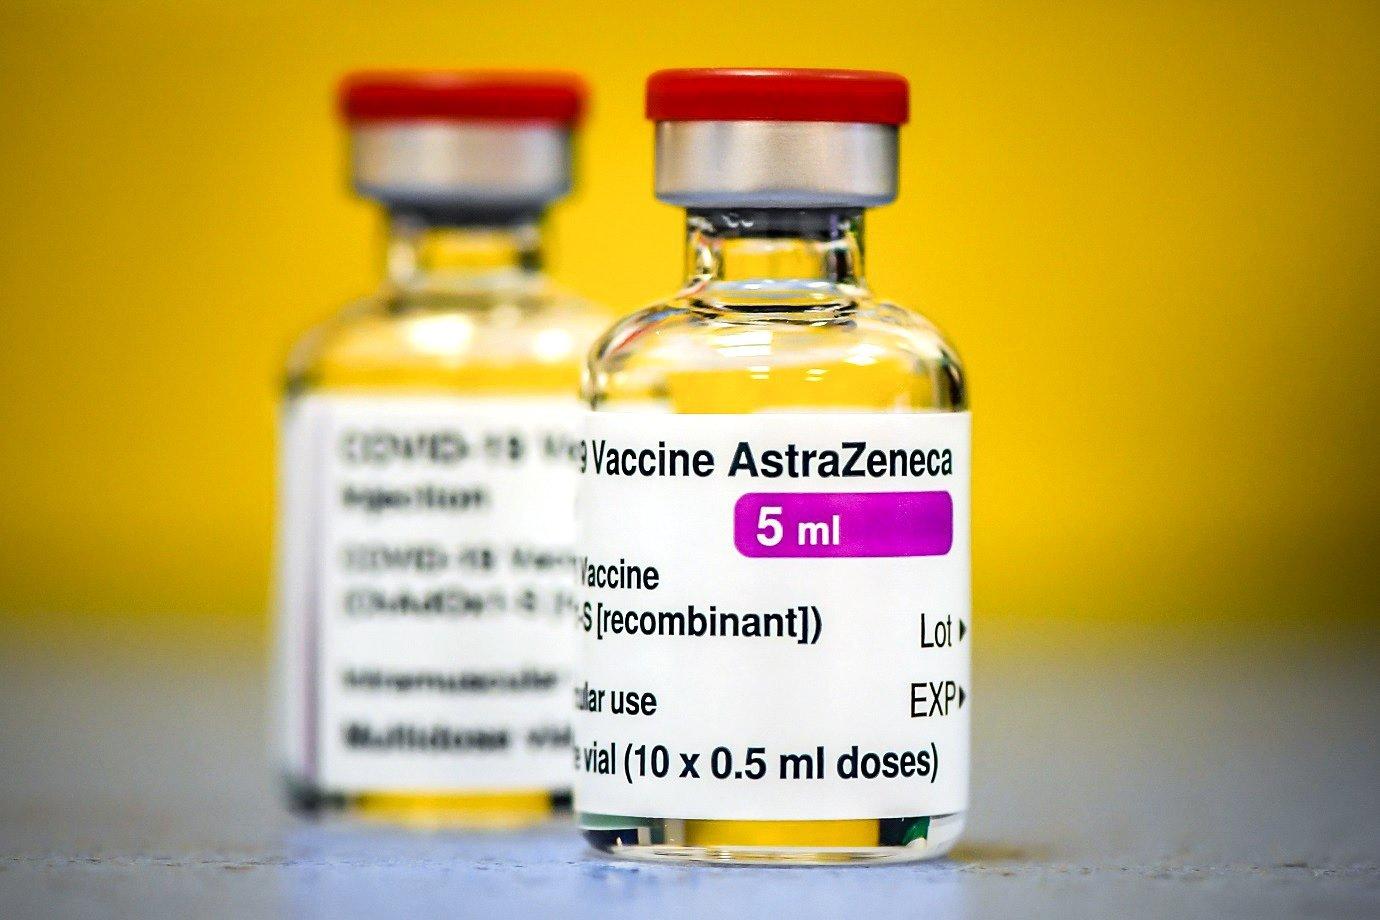 Fiocruz entrega 1,7 milhão de doses da AstraZeneca nesta terça-feira